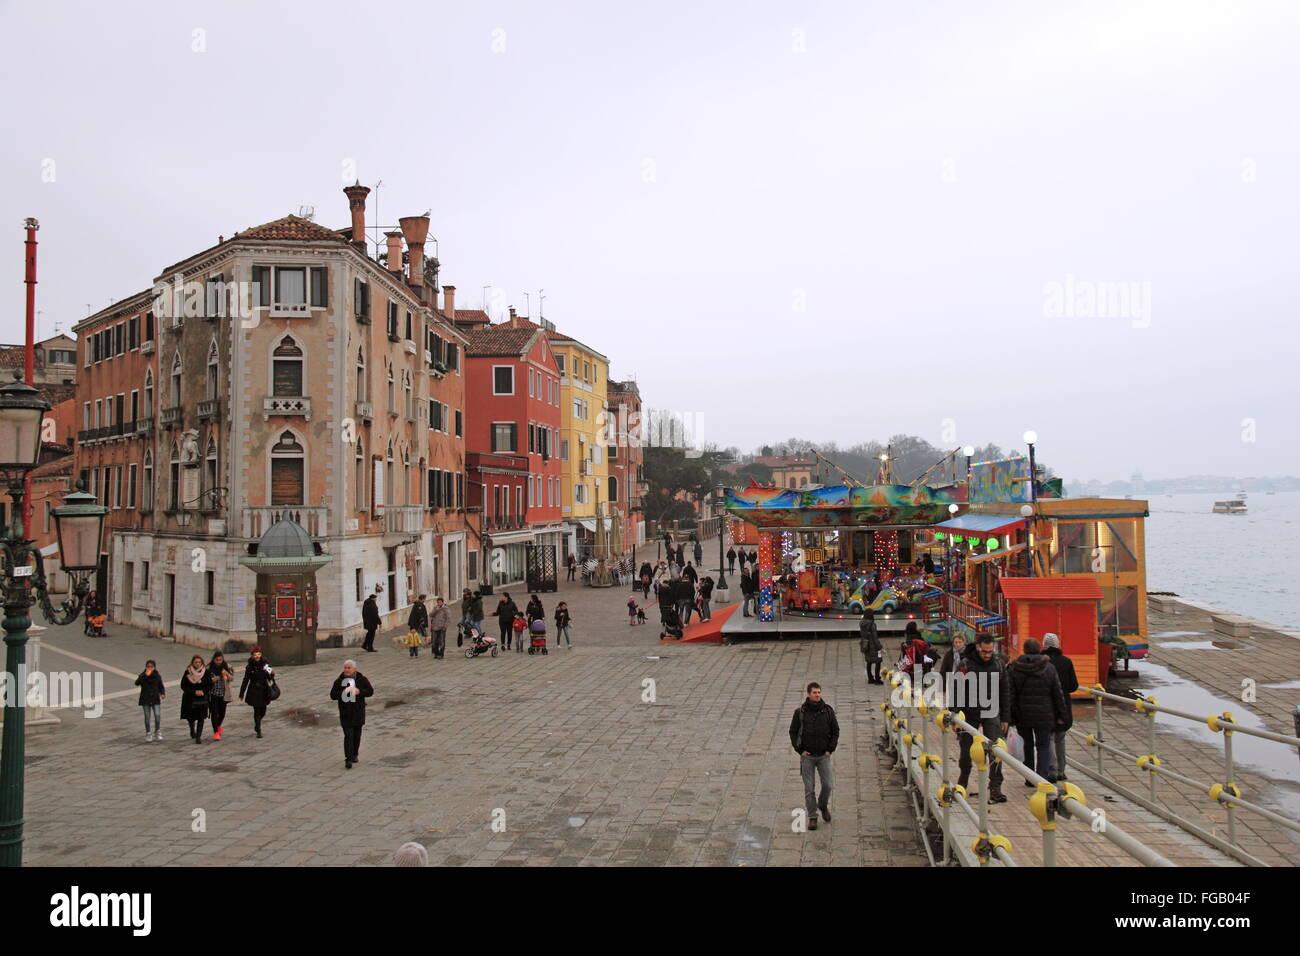 Riva dei Sette Martiri, Castello, Venezia, Veneto, Italia, Mare Adriatico, Europa Immagini Stock